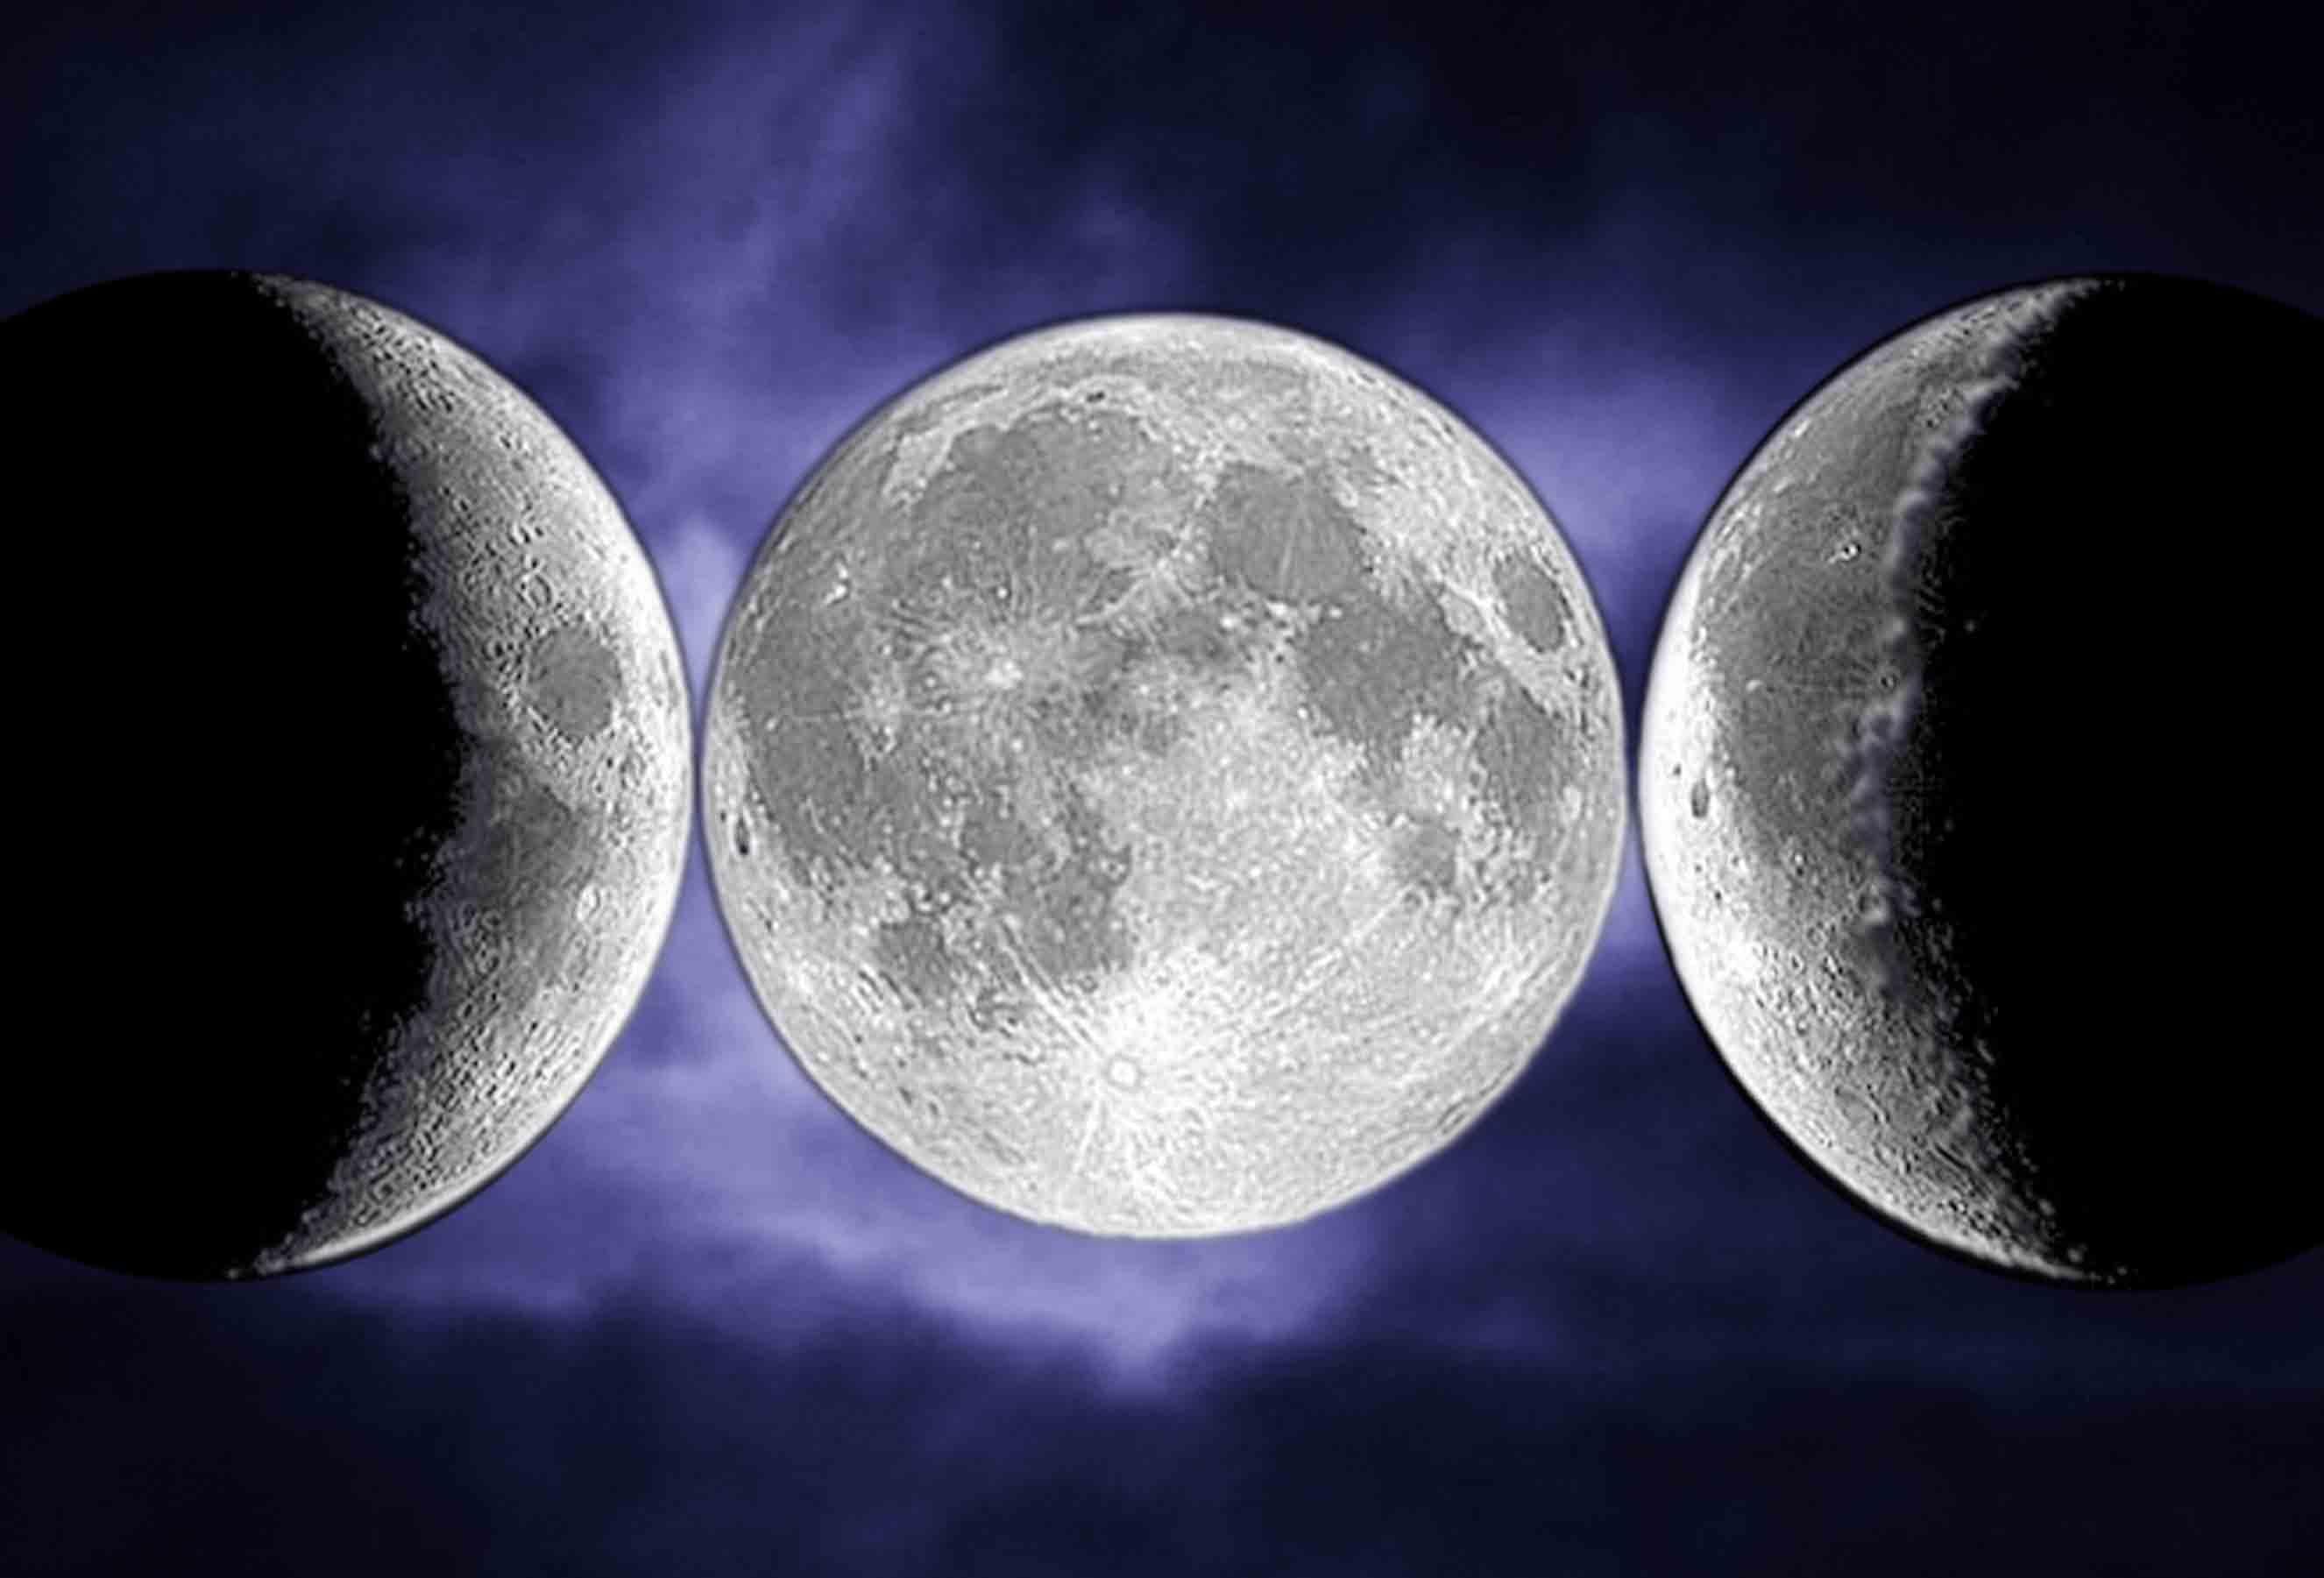 Wiccan three moon symbol view symbol biocorpaavc